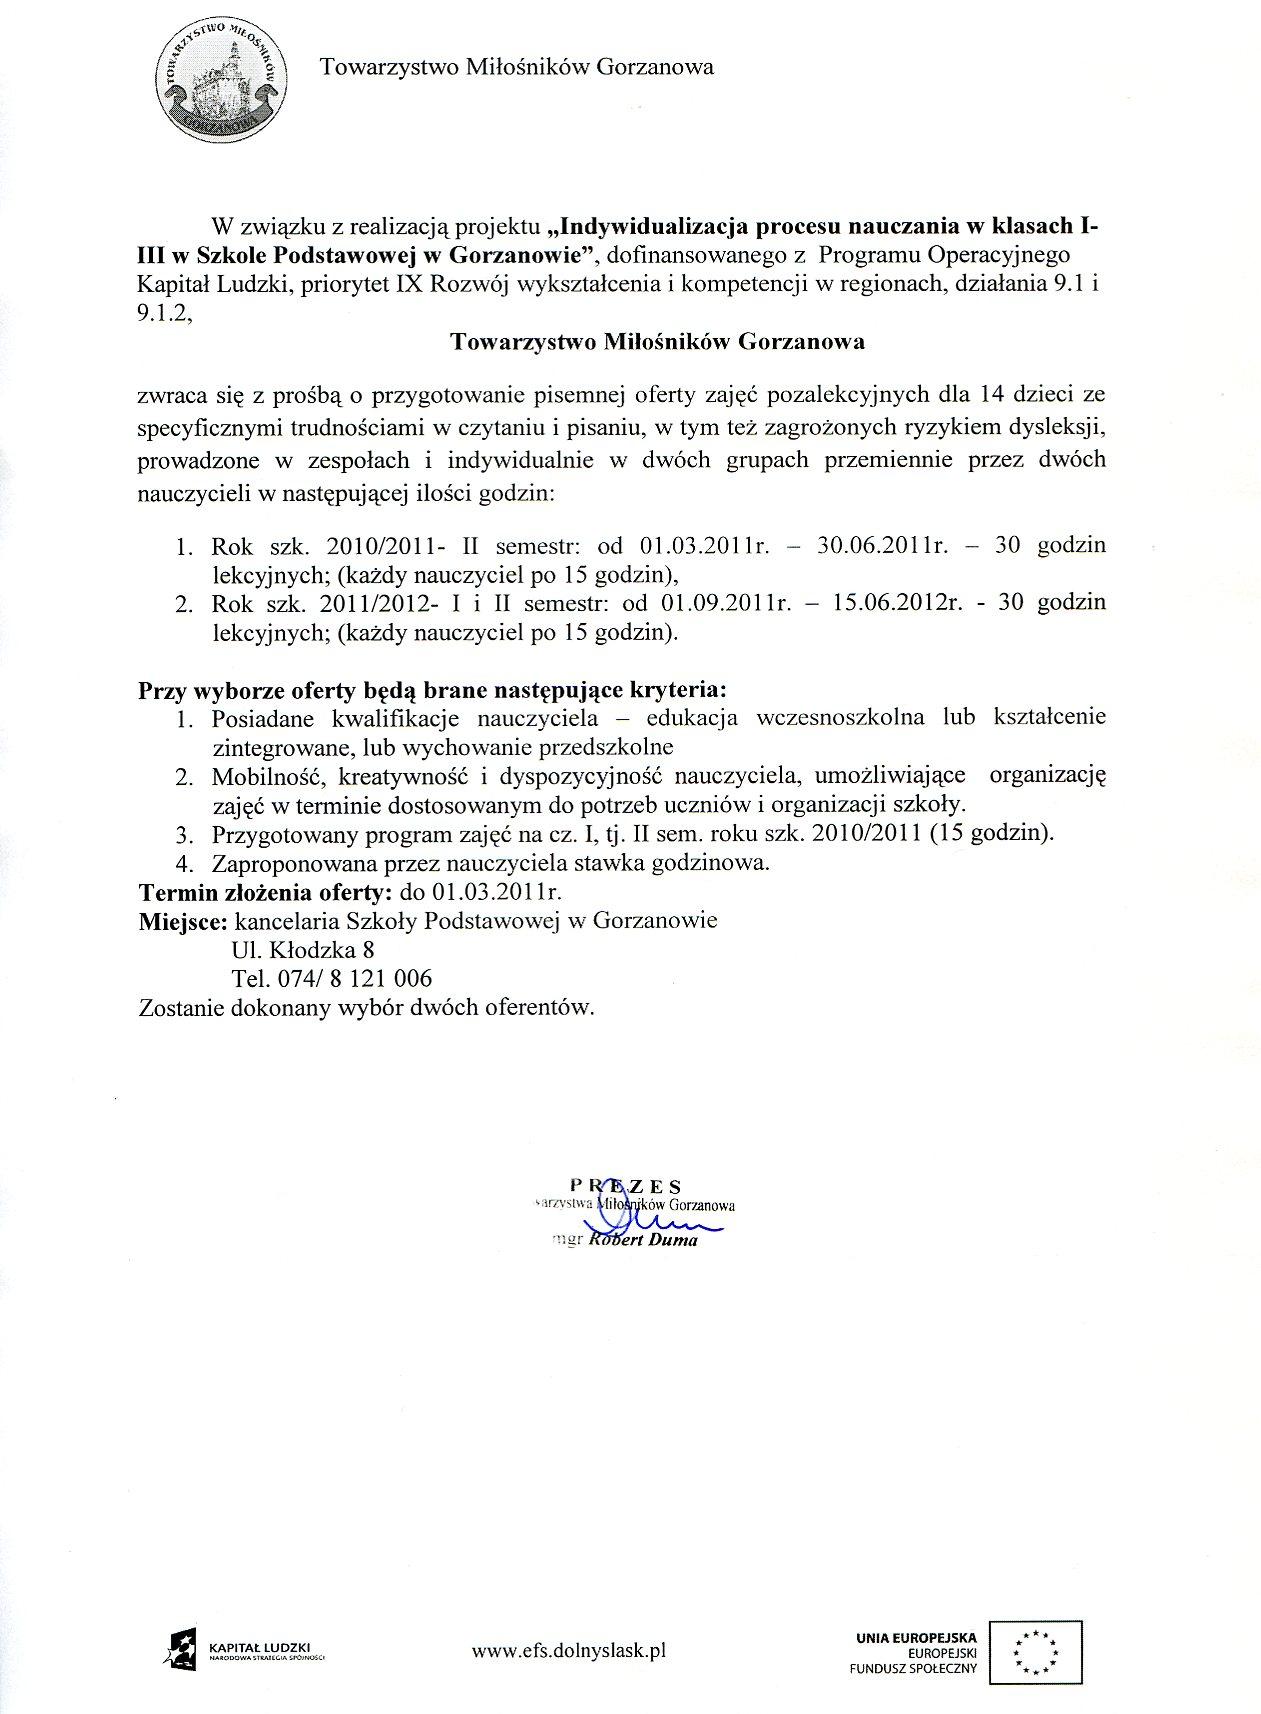 2011.03.01. zapytanie_ofertowe_zajecia pozalekcyjne2_eduk_wczesnosz.